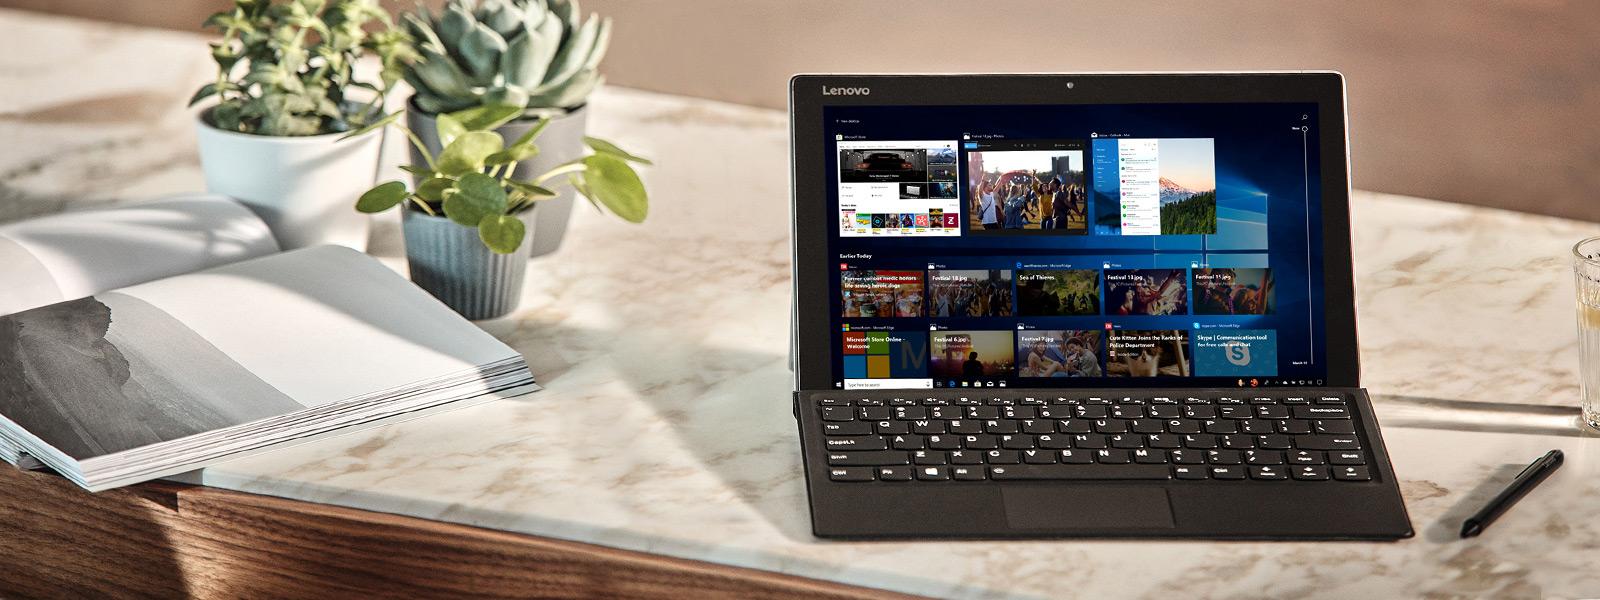 Obrazovka počítača zobrazujúca funkciu aktualizácie Windowsu 10 z apríla 2018.